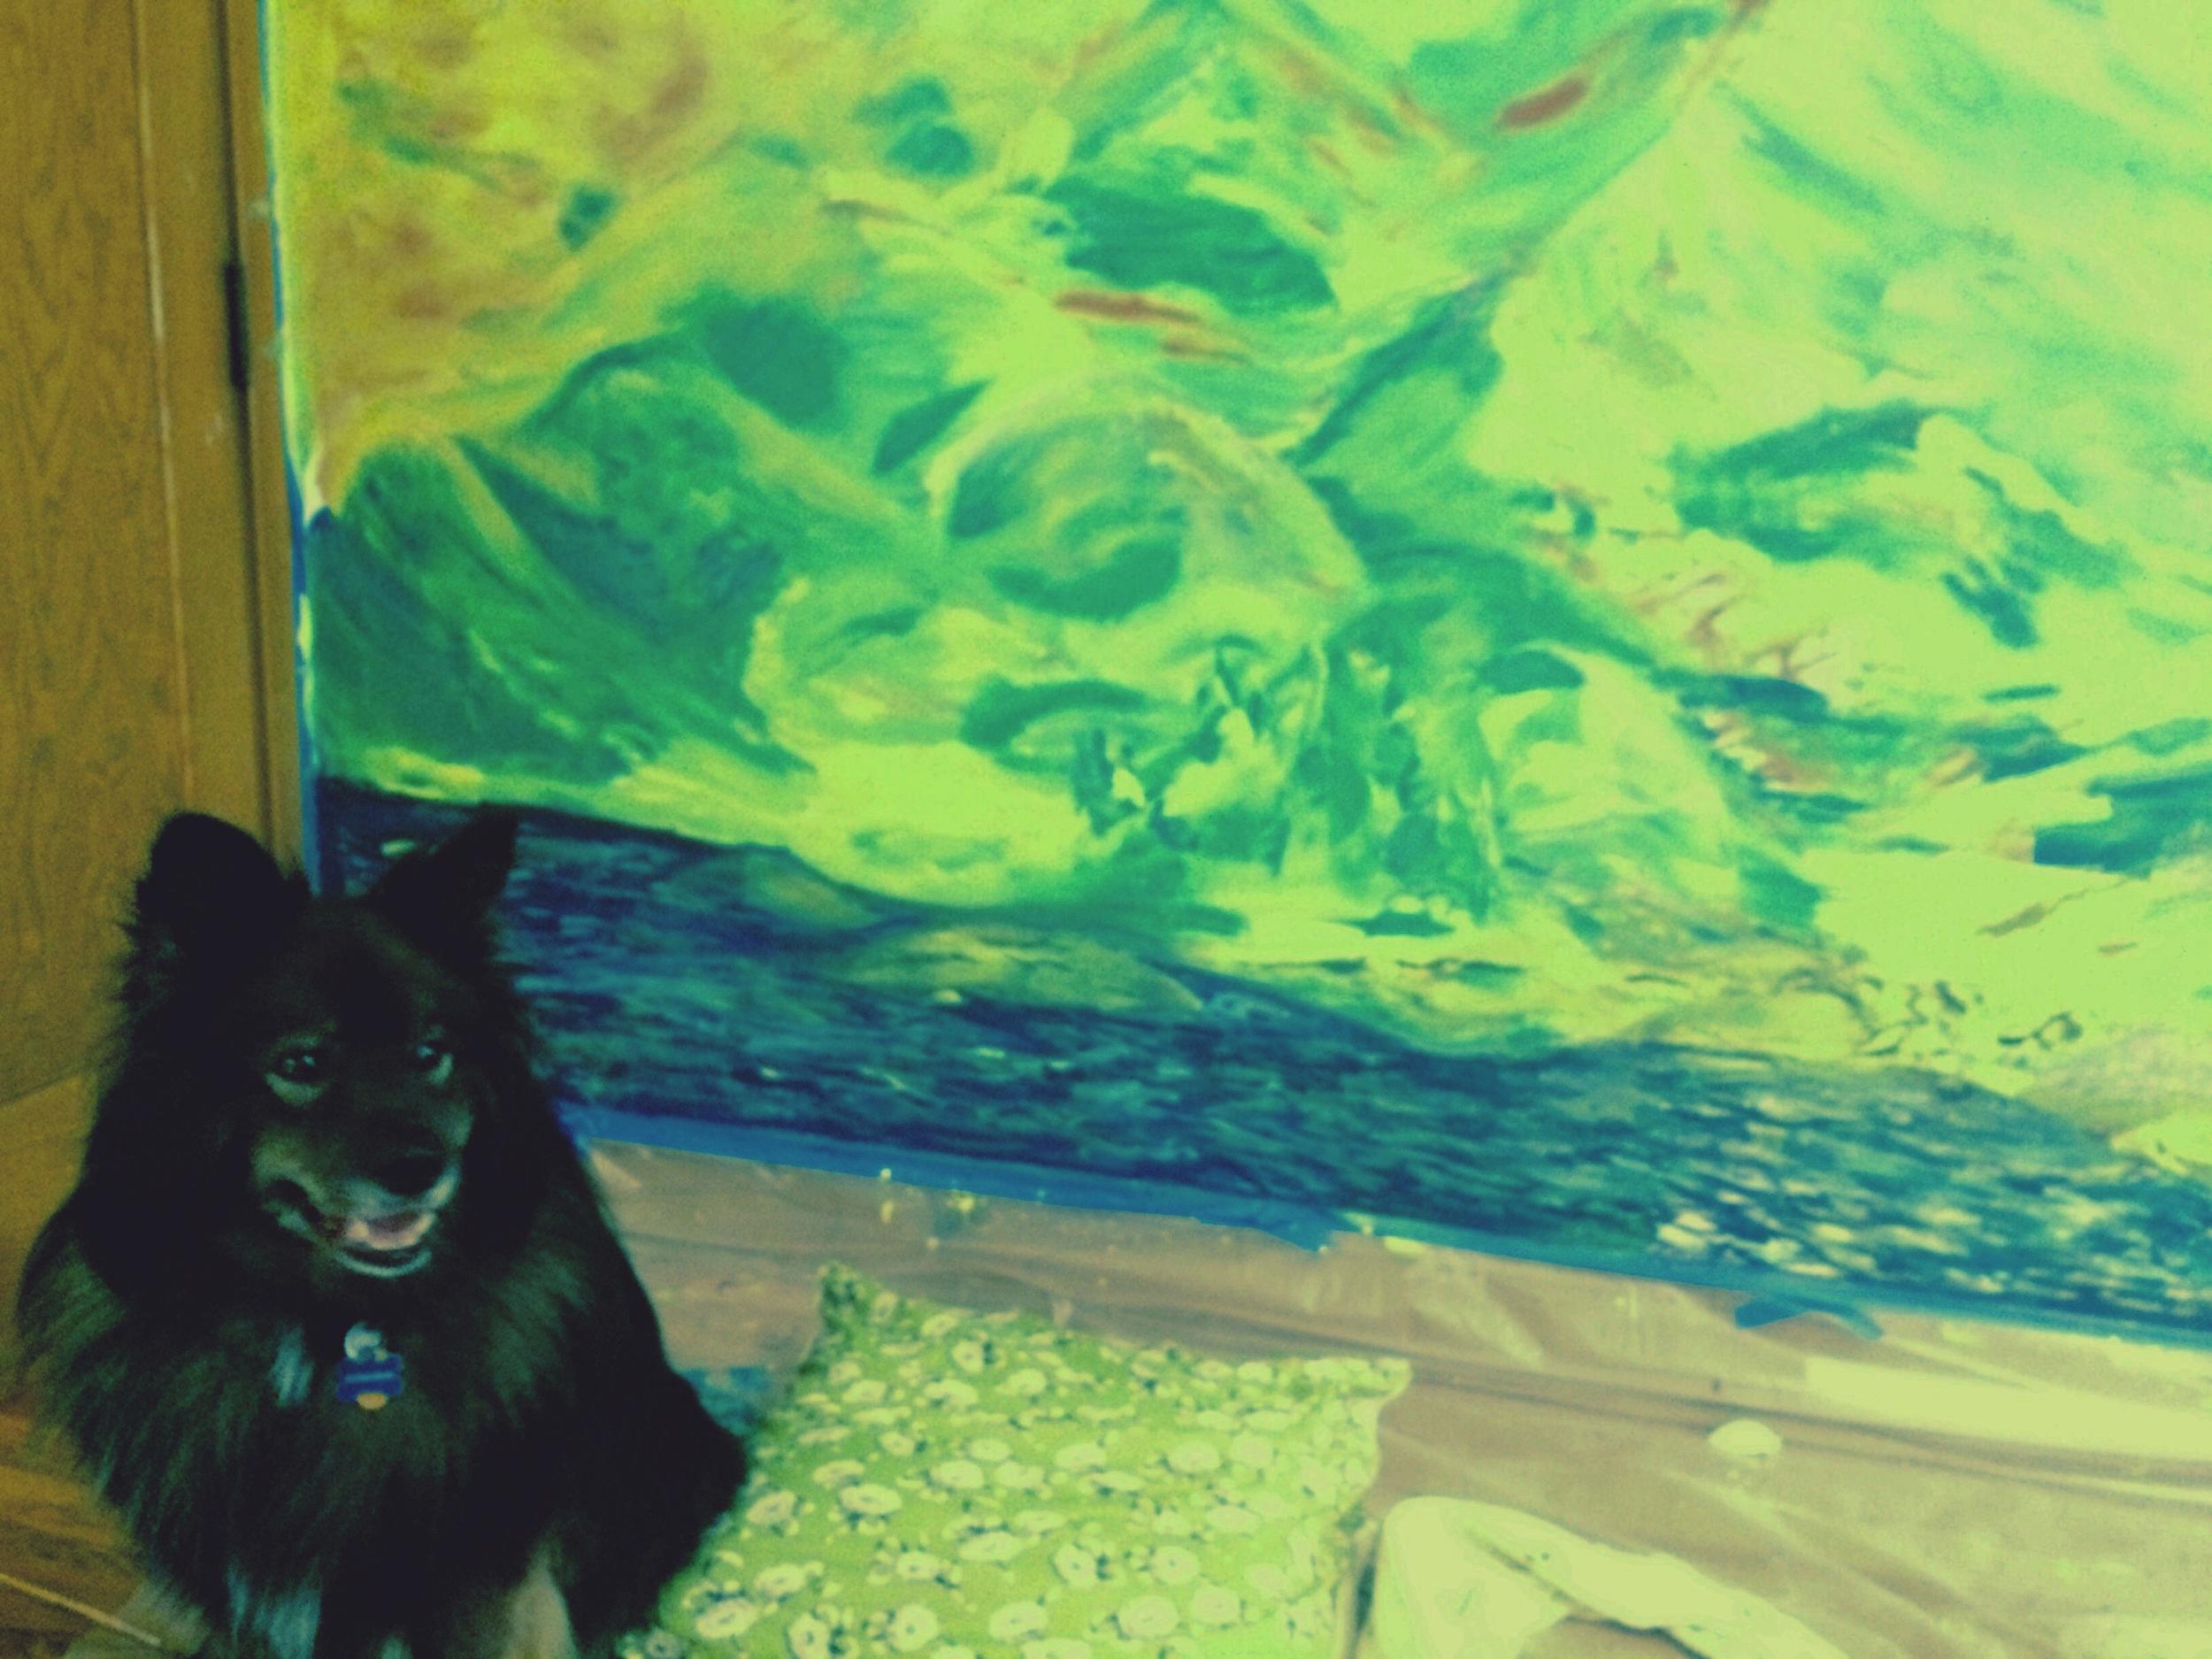 muraldogperspective!